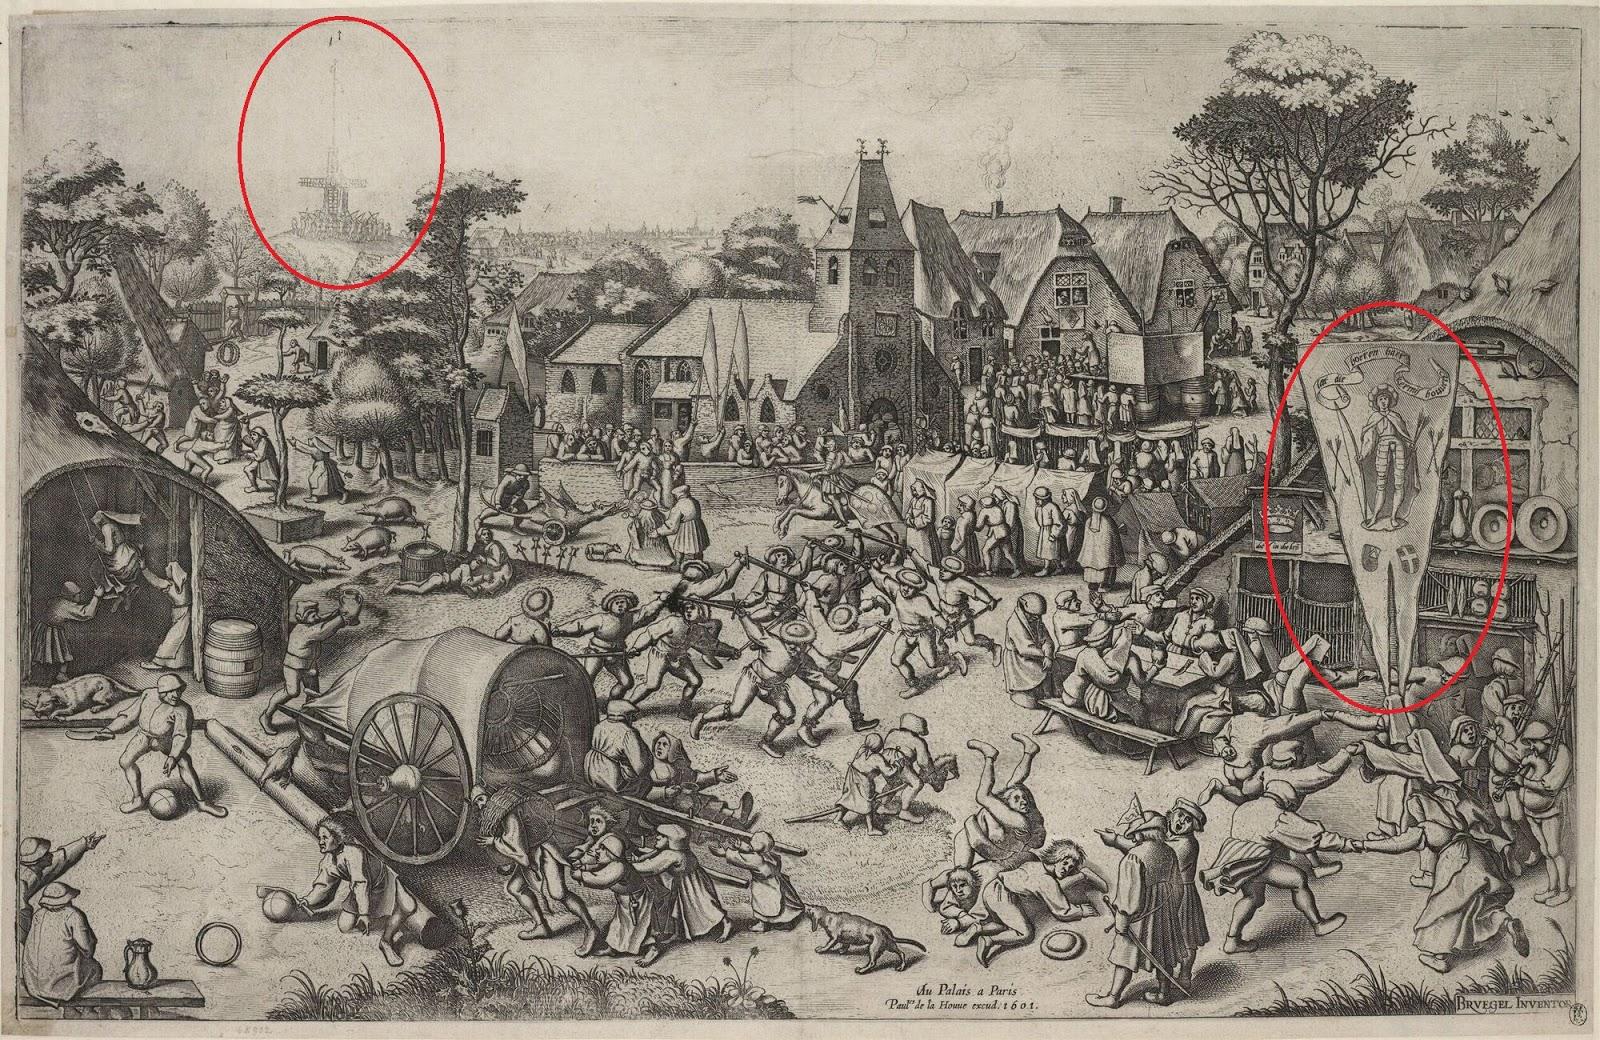 Bruegel, de Sint Joriskermis met op de achtergrond een schietstand en een wimpel die verwijst naar de schutterij...